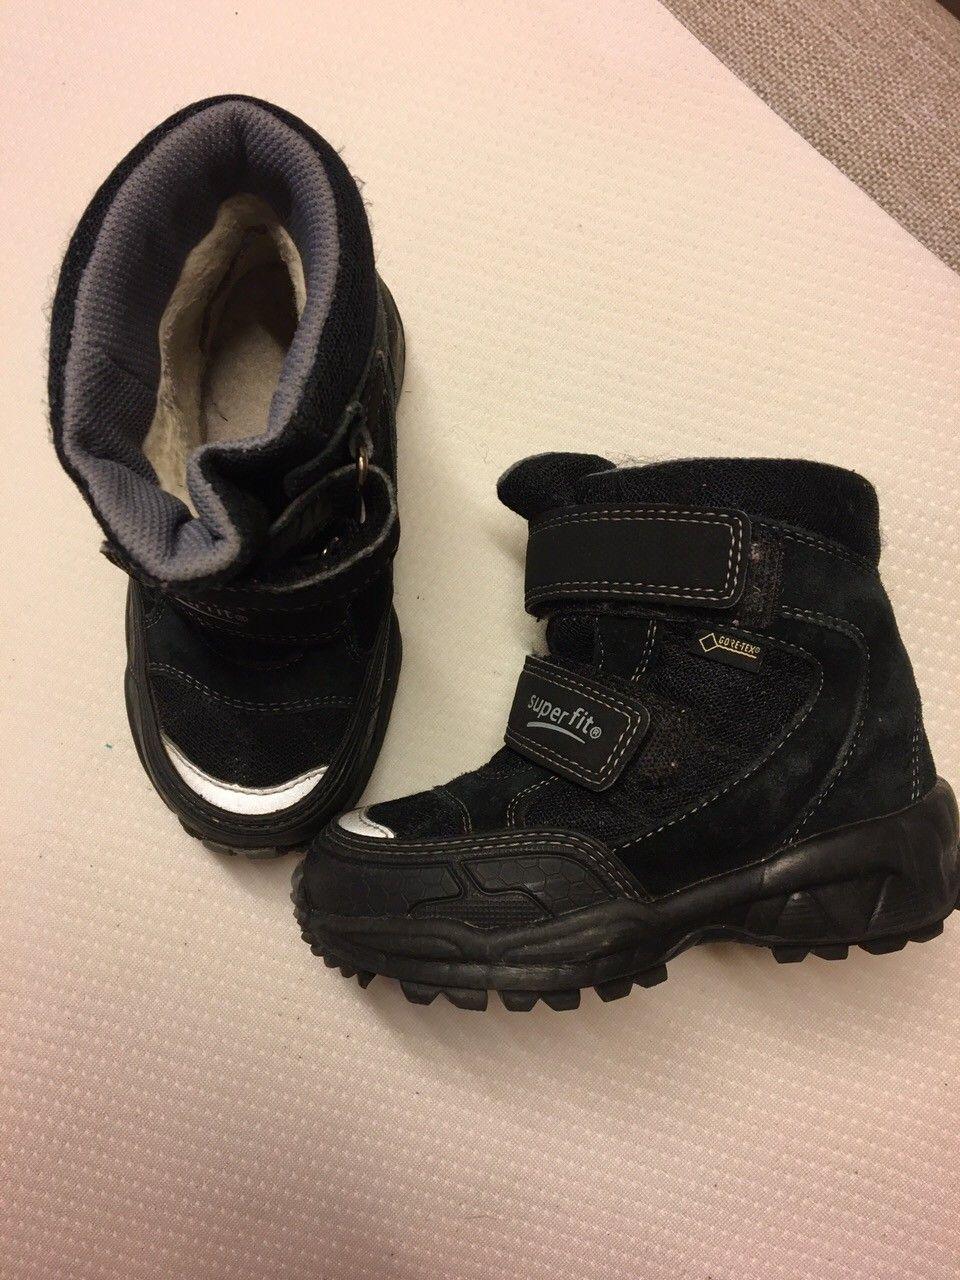 Pent brukt vinter støvler størrelse 25. | FINN.no